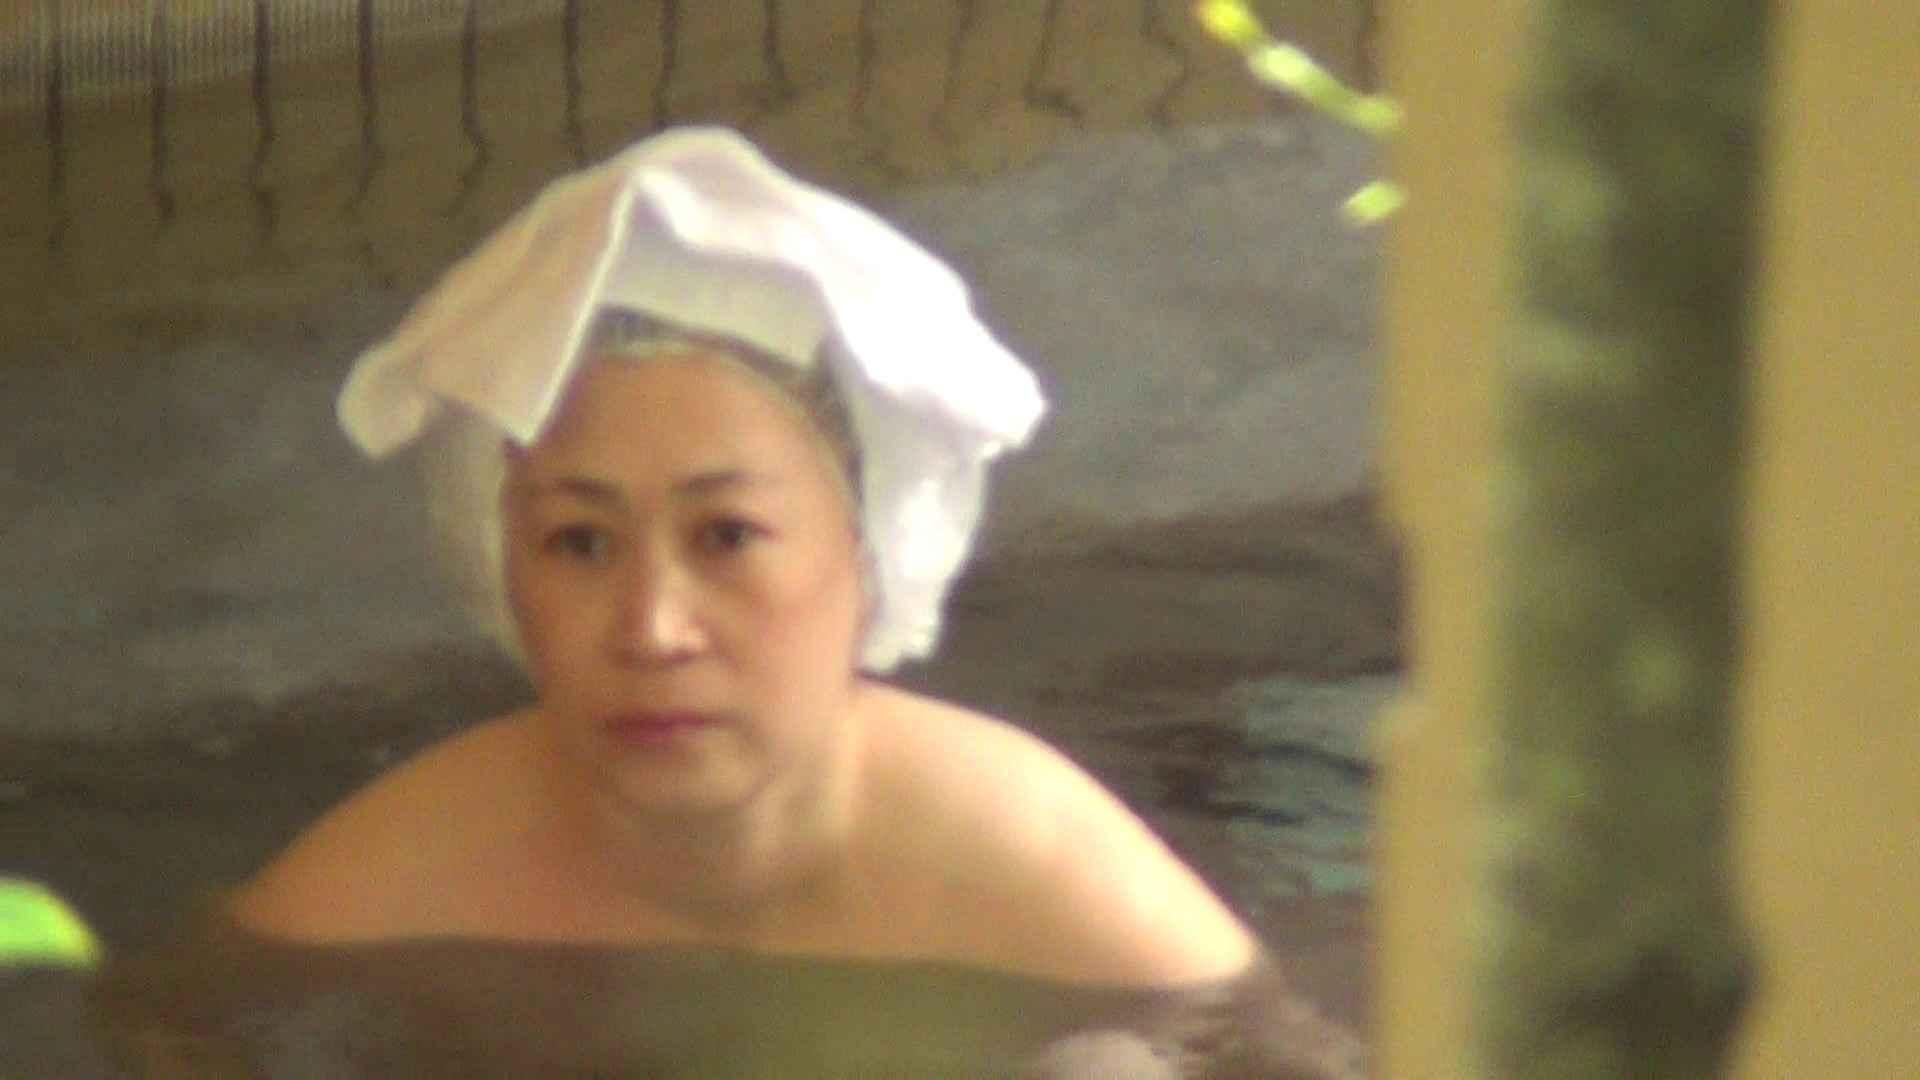 Aquaな露天風呂Vol.247 盗撮師作品 おめこ無修正画像 85pic 59